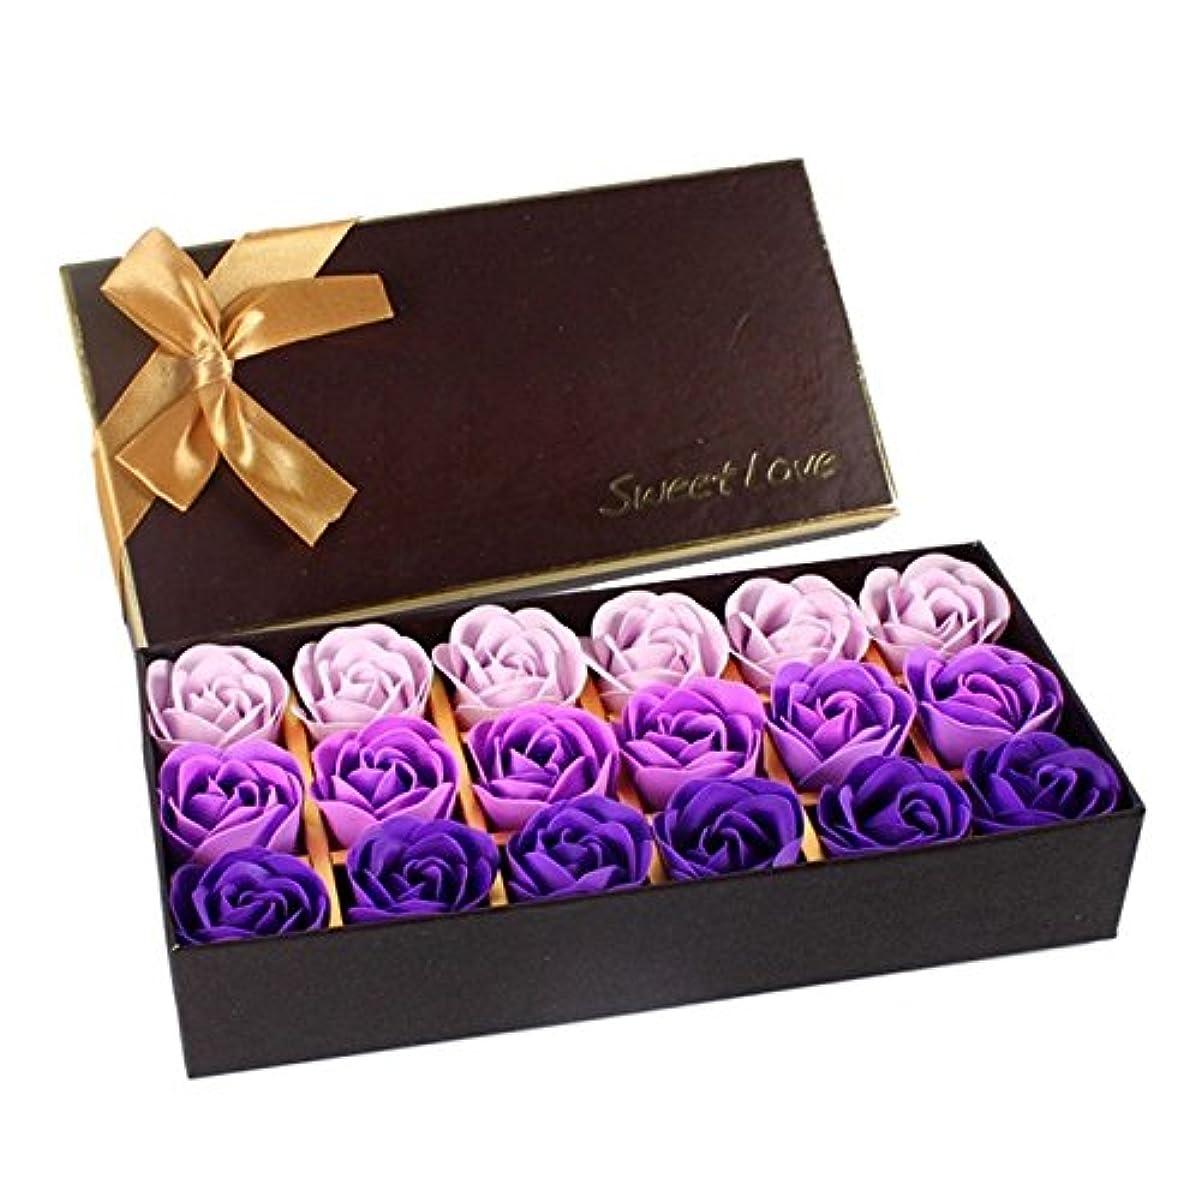 ガラス海外で拮抗するローズ フラワーソープ 石鹸 薔薇 プレゼント お祝い ② #334